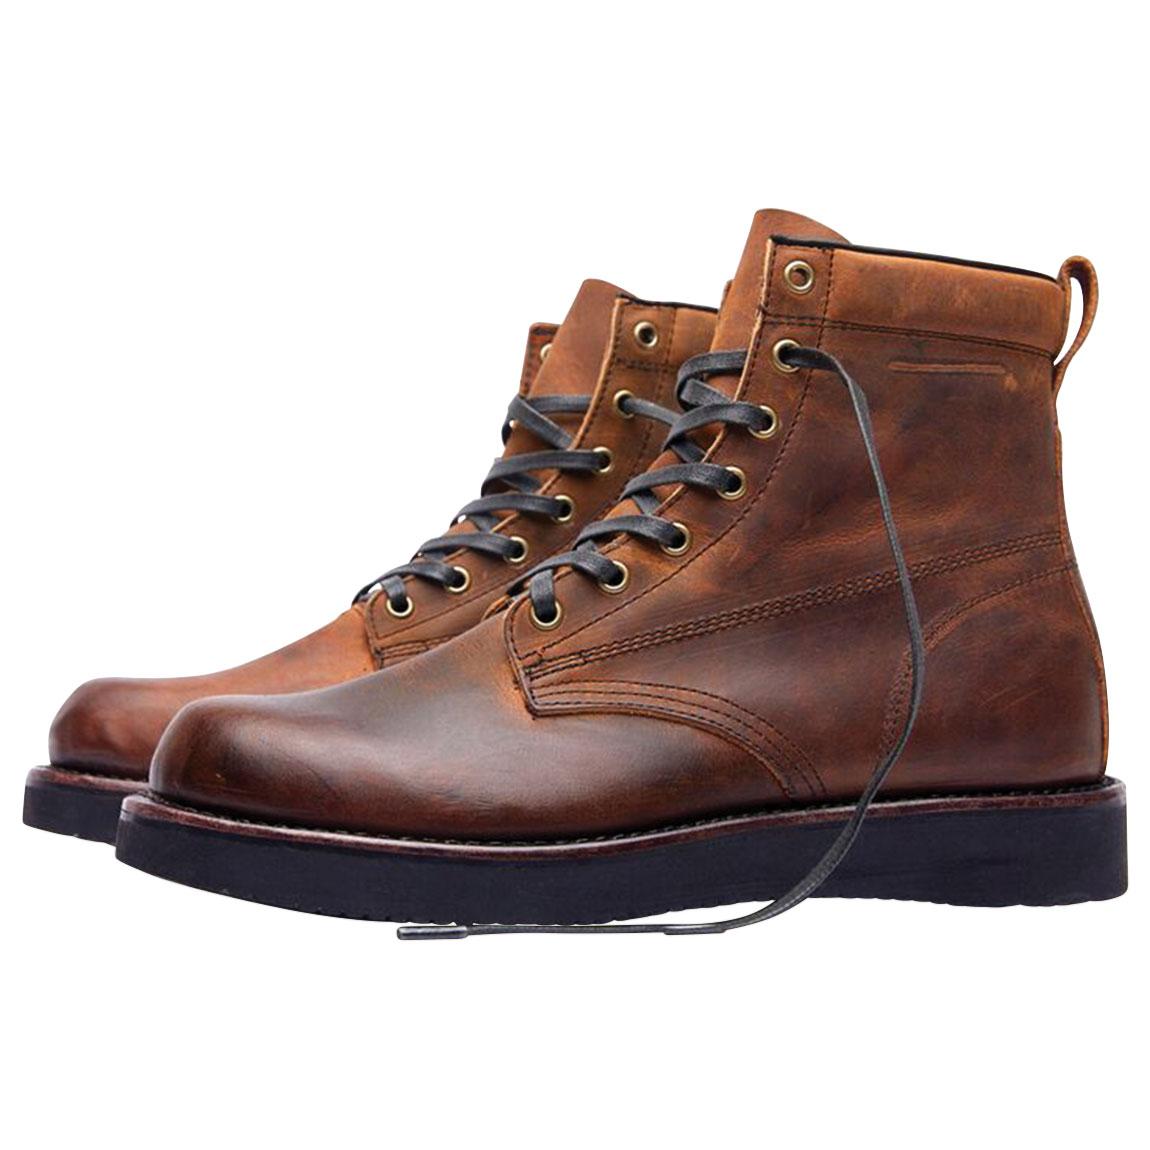 Broken Homme Men's James Brown Leather Boots